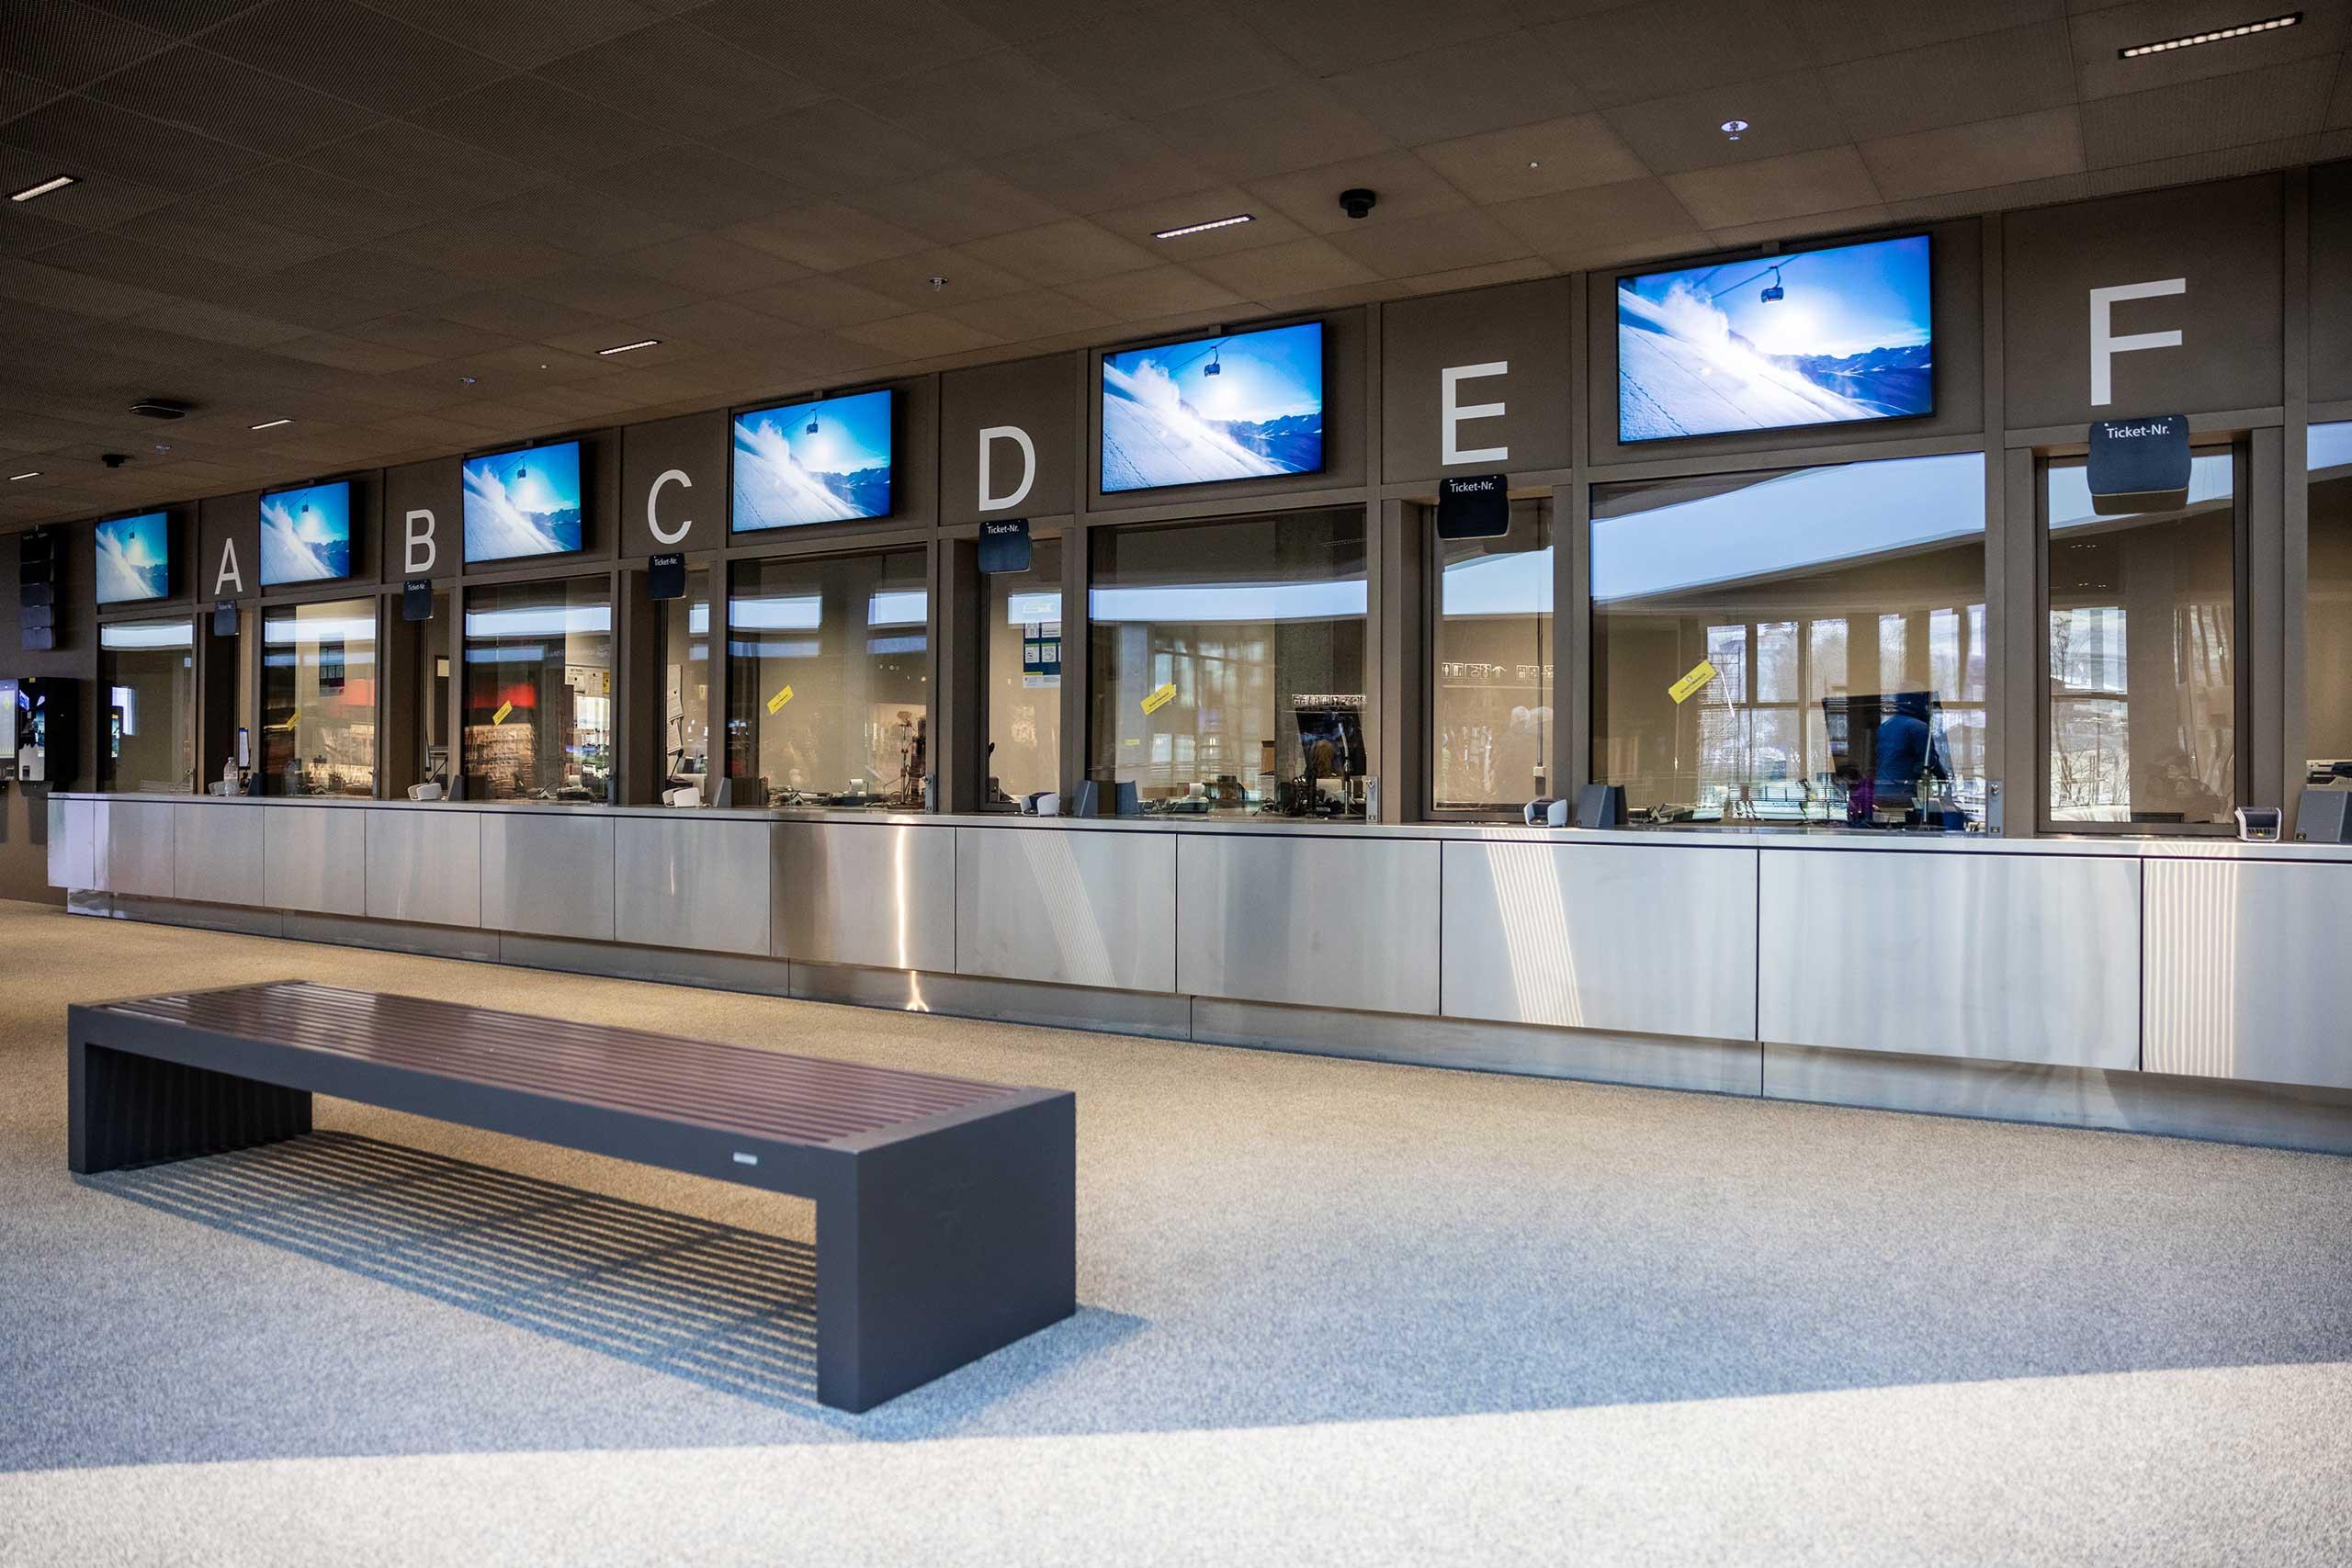 eiger-express-terminal-grindelwald-verkaufsschalter.jpg